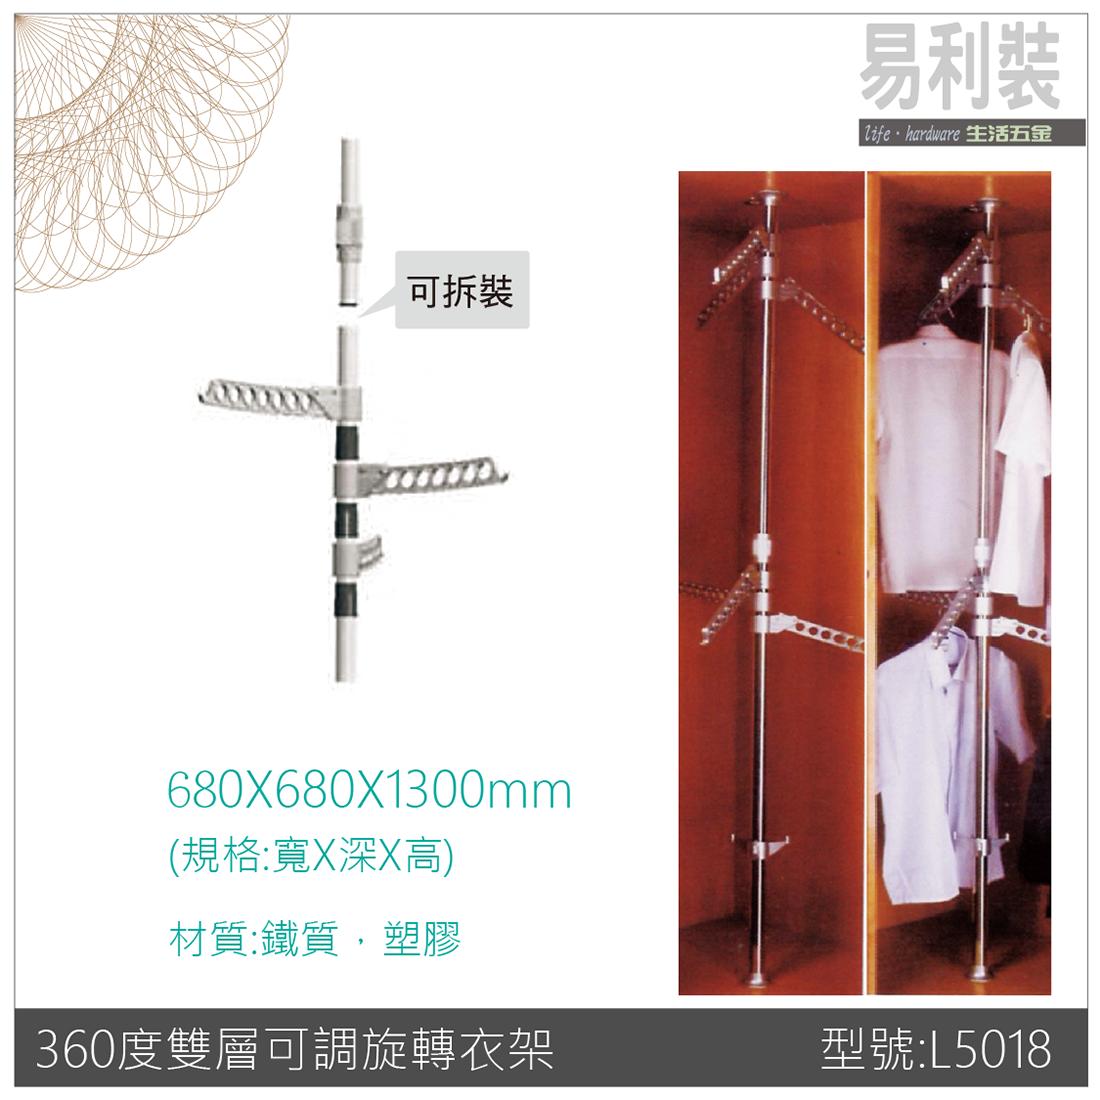 【 EASYCAN  】L5018 360度雙層可調旋轉掛衣架 易利裝生活五金 房間 臥房 客廳 小資族 辦公家具 系統家具 0